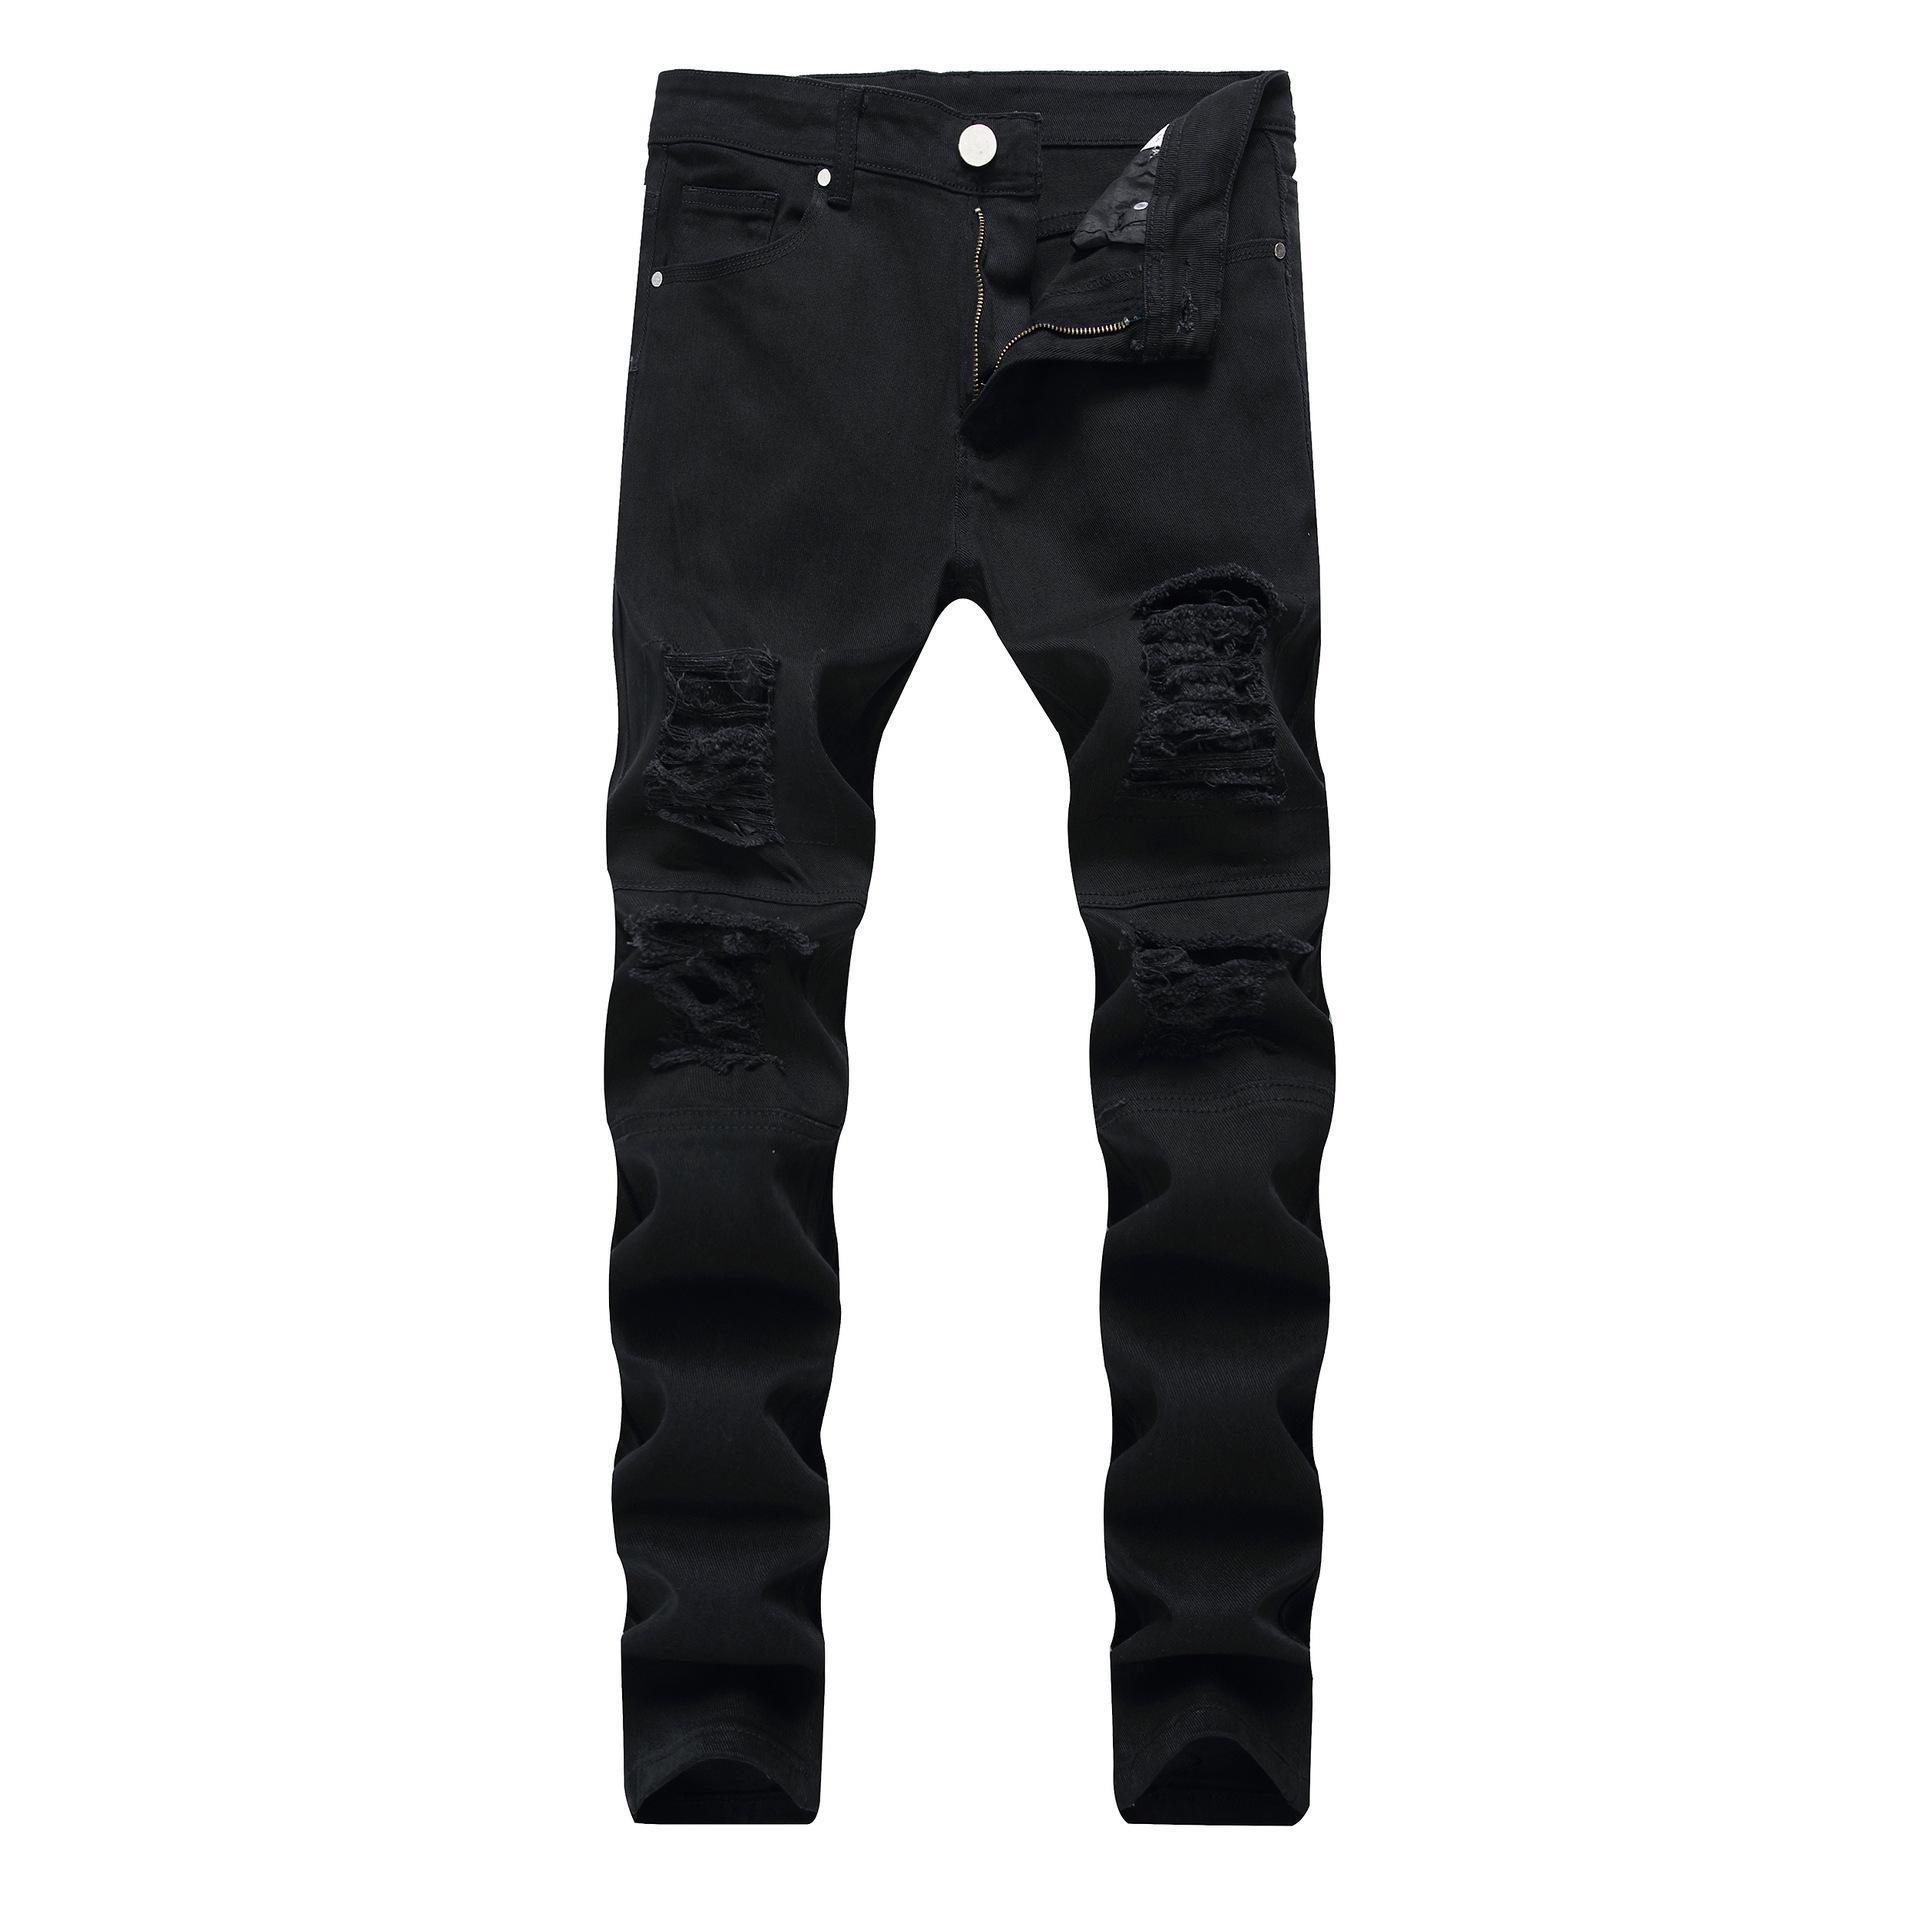 Sıska Erkek Siyah Kot Serin Erkekler Yırtık Delik Kot Streç Slim Fit Denim Biker Jeans Hip Hop Erkekler Streetwear 1820 #